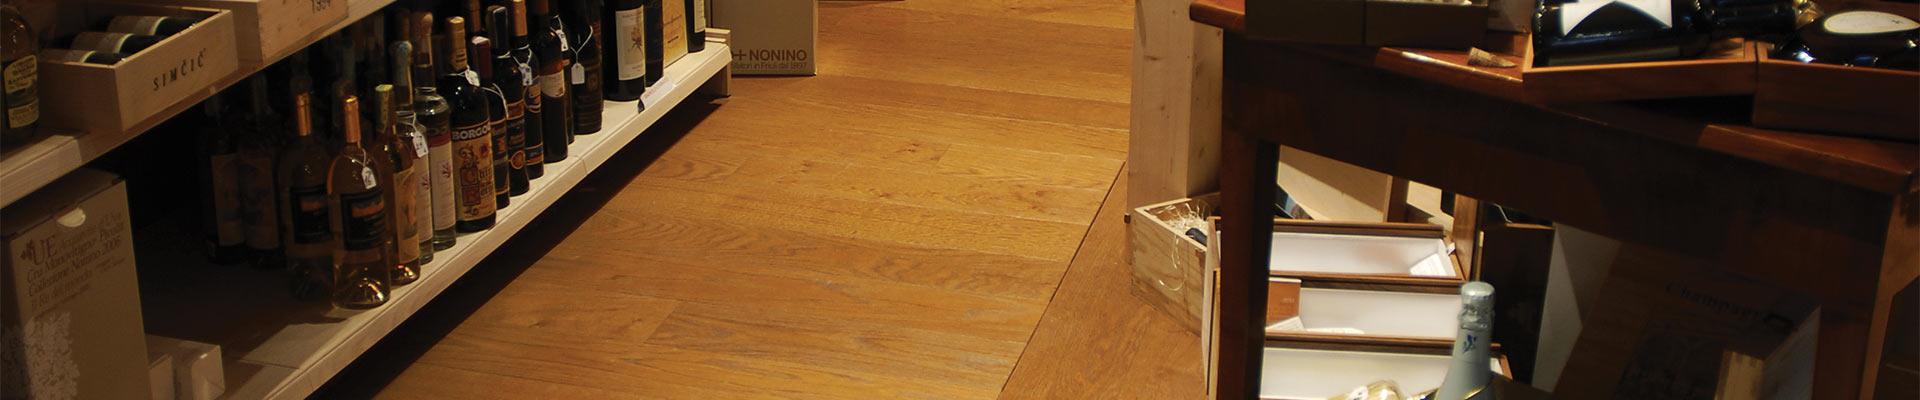 vendita-pavimenti-moderni-parquet